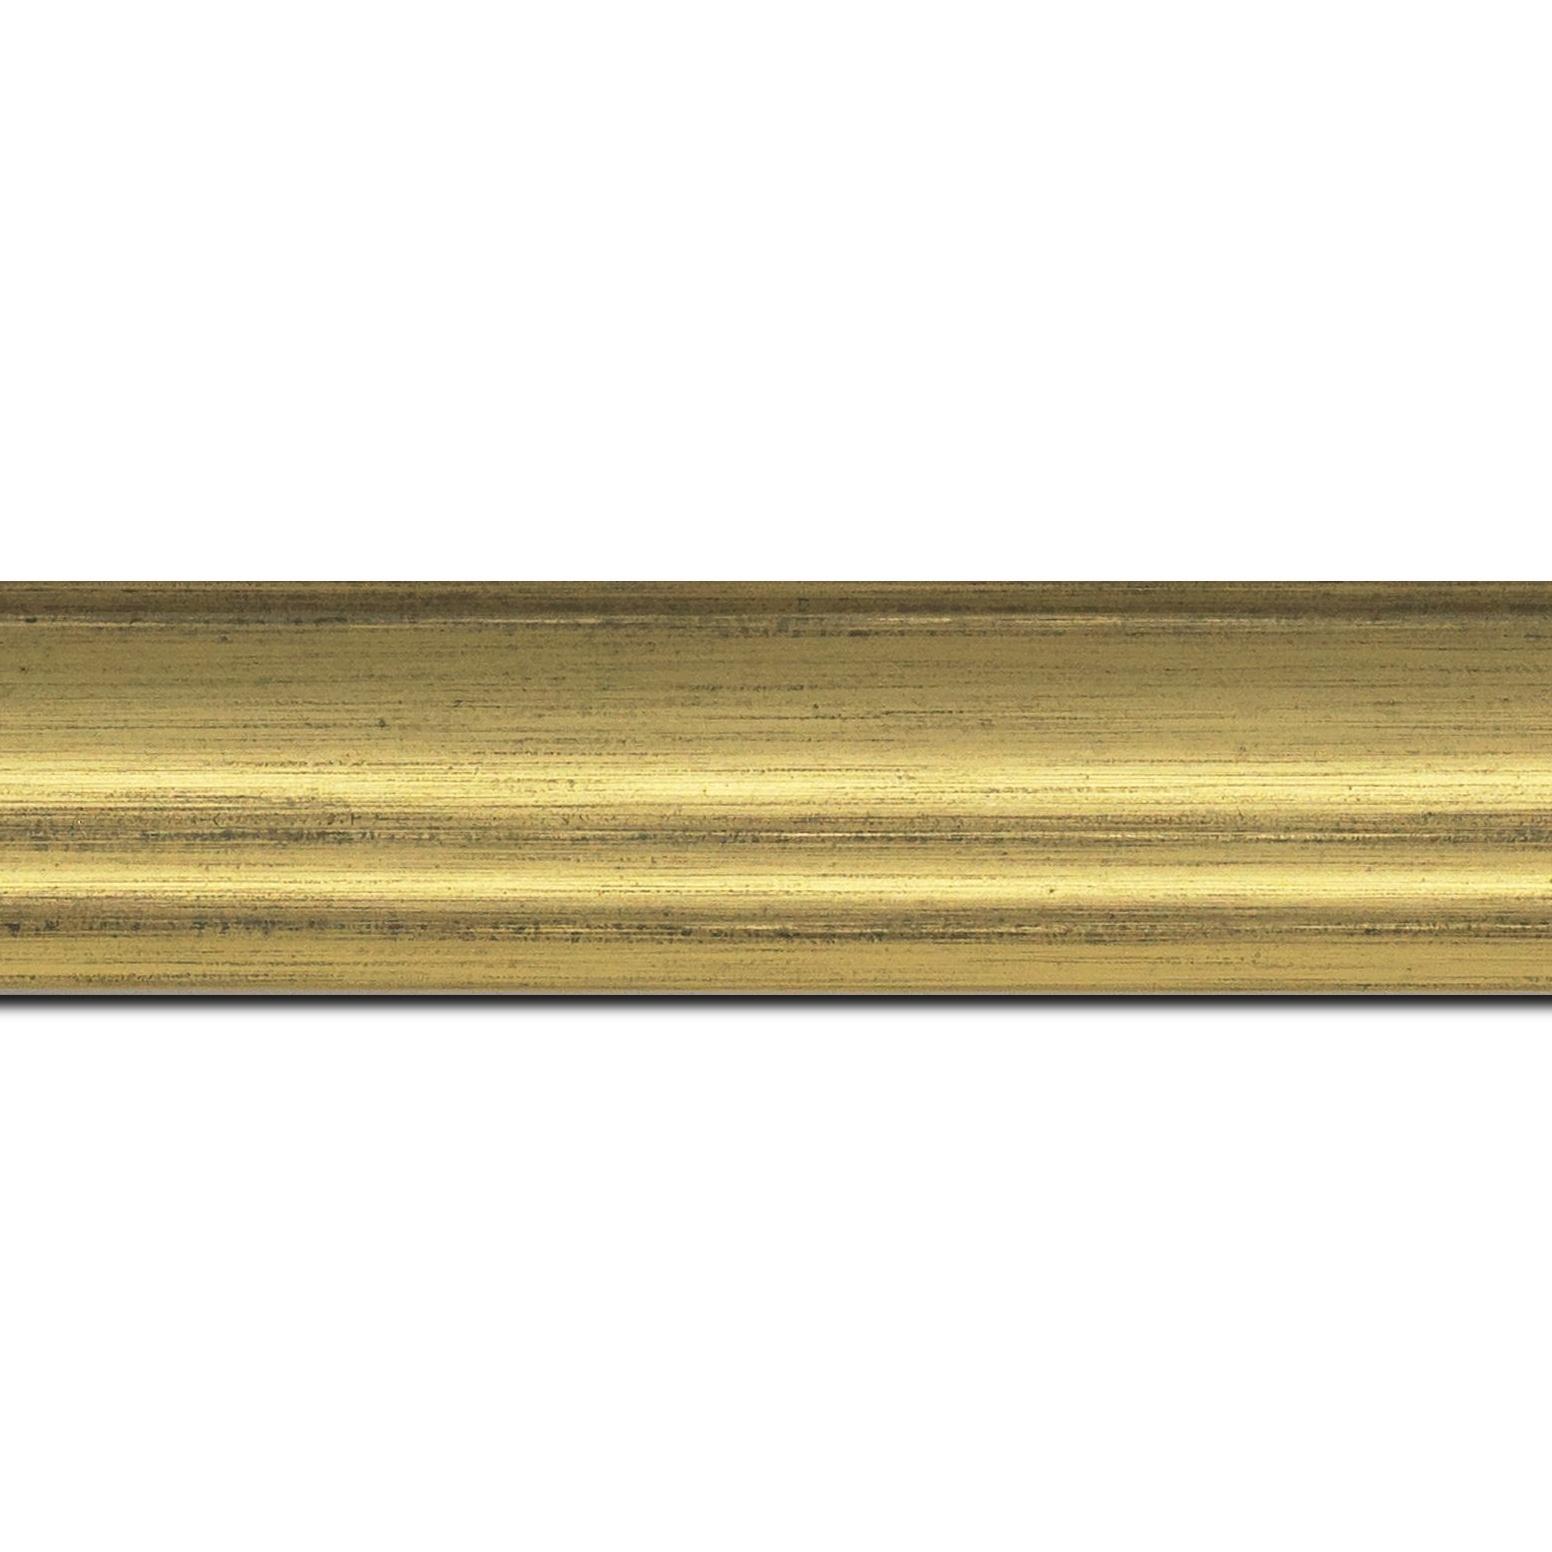 Pack par 12m, bois profil incurvé largeur 4.2cm or finition nature (longueur baguette pouvant varier entre 2.40m et 3m selon arrivage des bois)